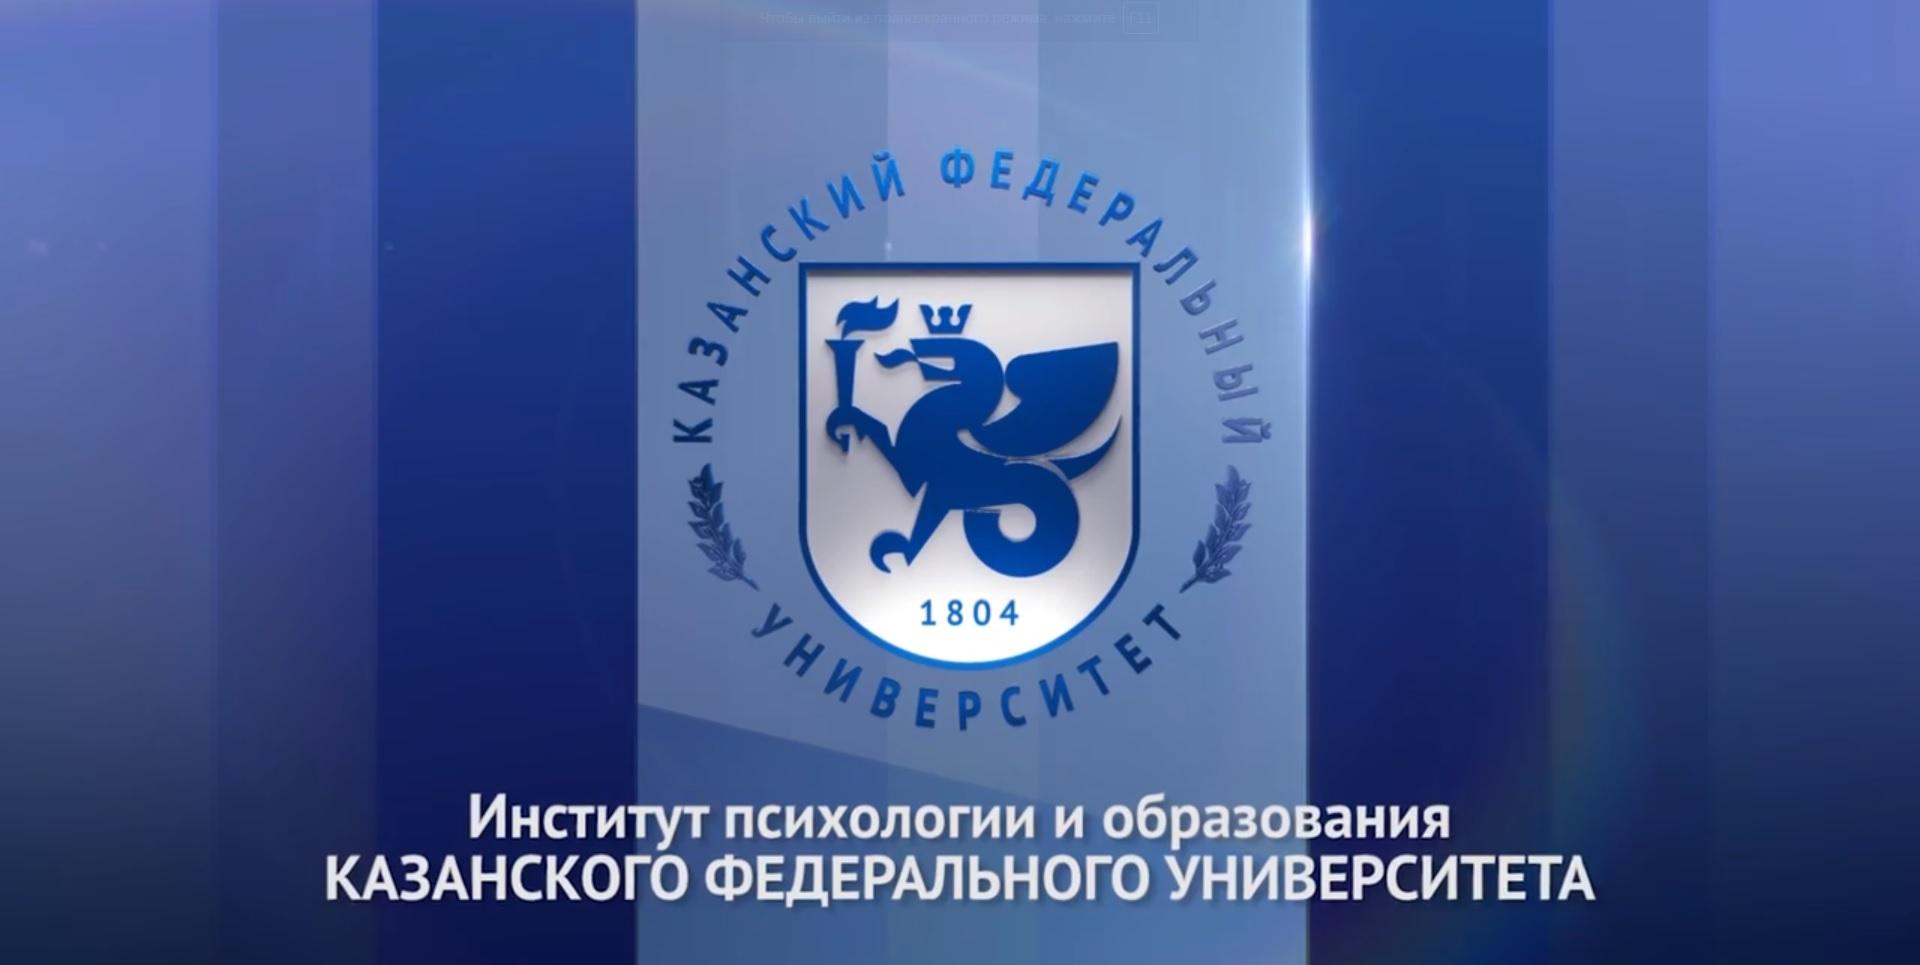 Представитель православной гимназии приняла участие в Всероссийской научно-практической конференции